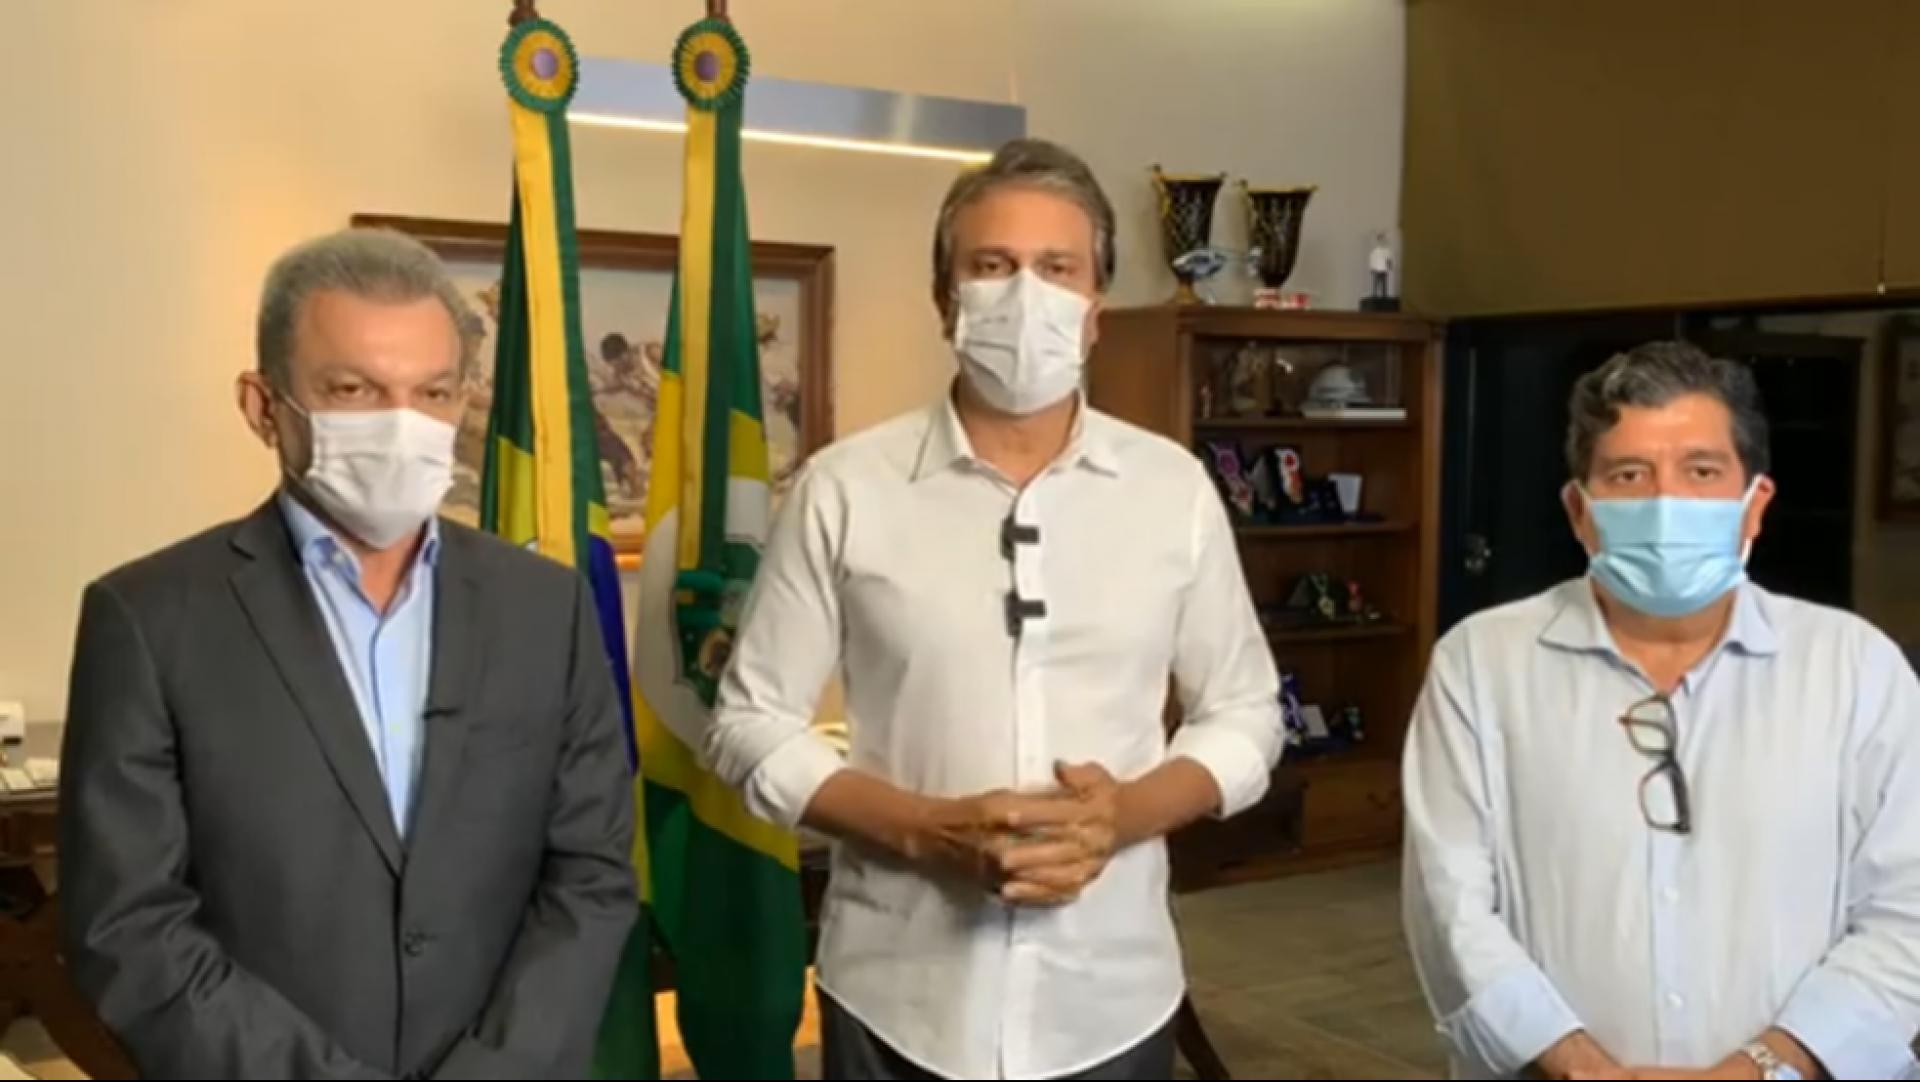 Participarão do encontro o governador Camilo Santana, o prefeito de Fortaleza, Sarto Nogueira e o secretário da saúde do Ceará, Dr. Cabeto.